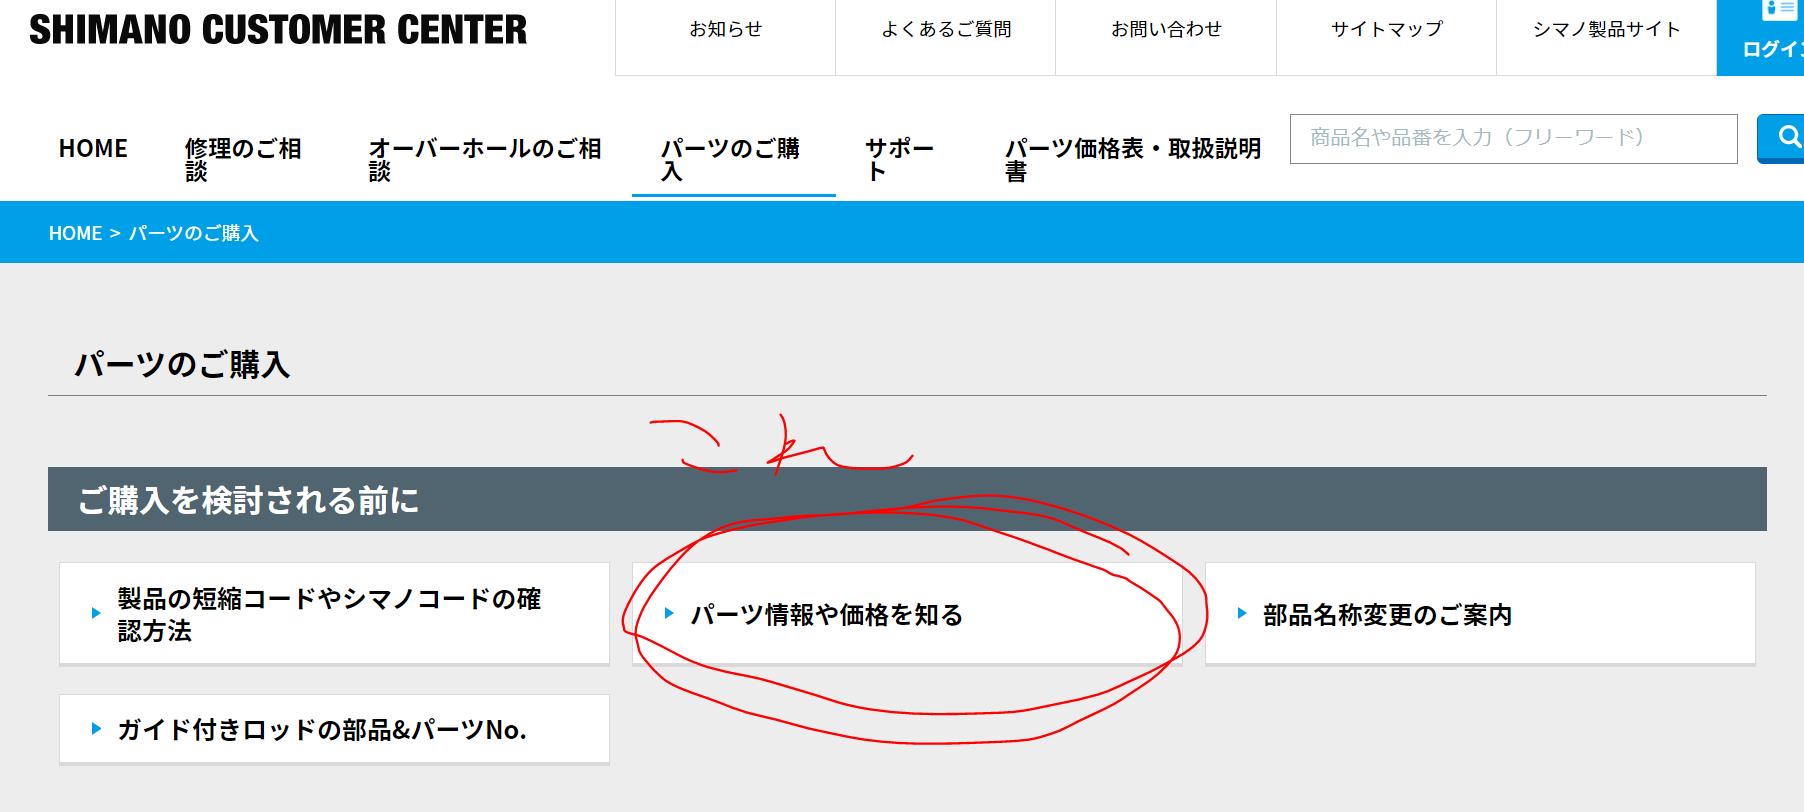 シマノ検索③